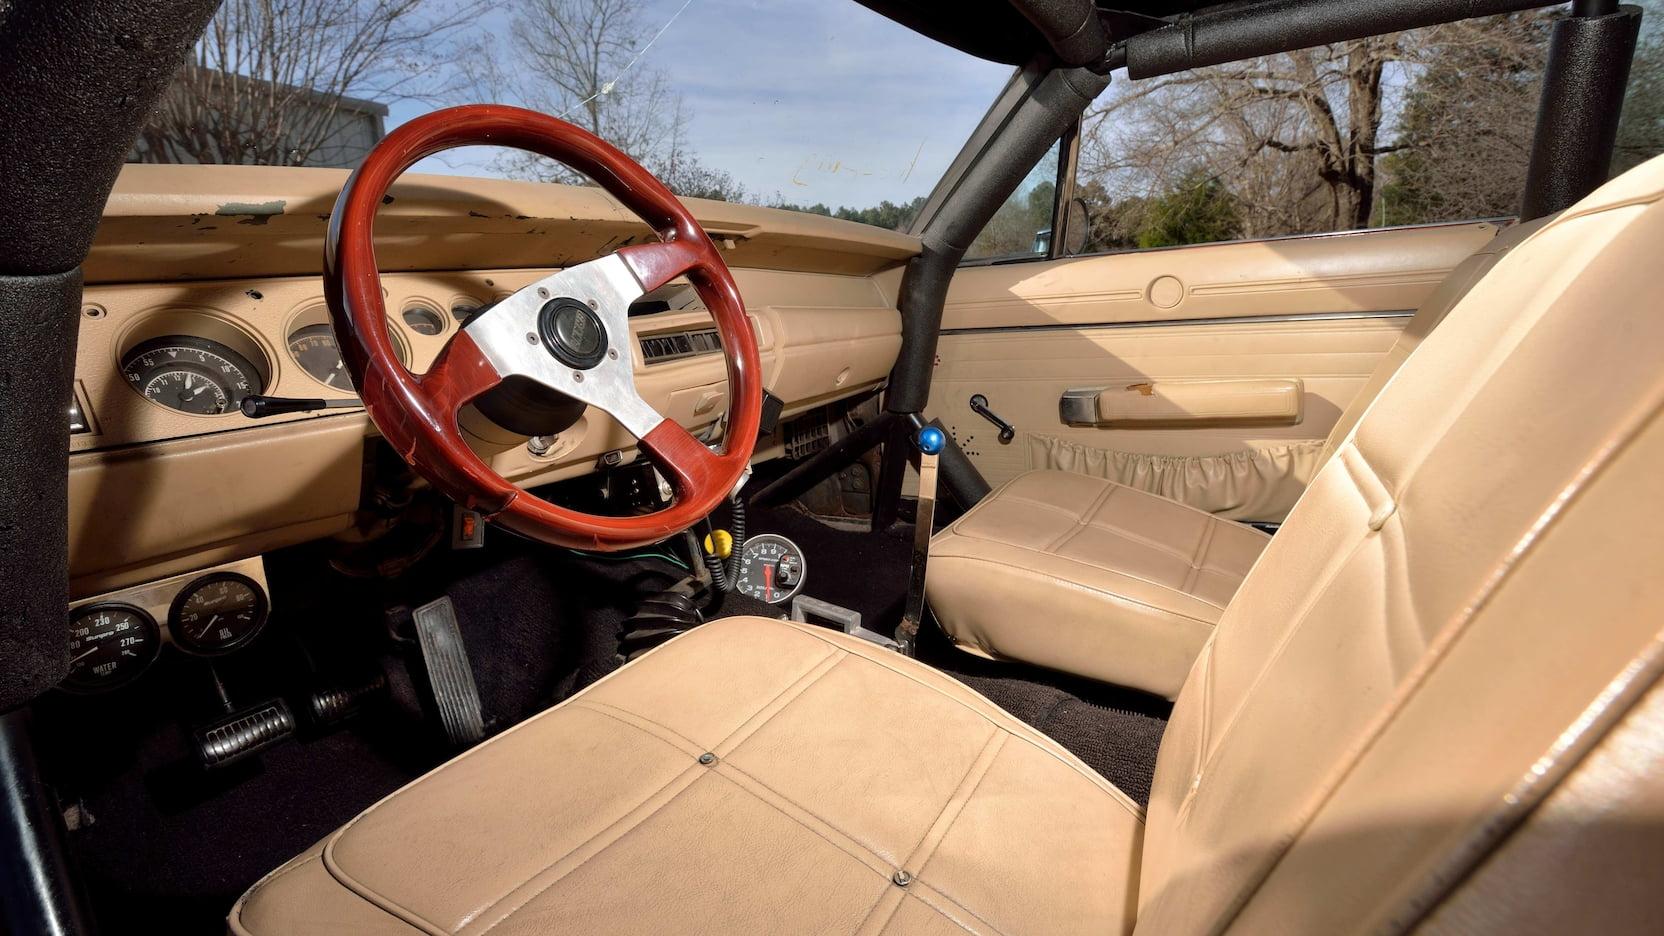 1969 Dodge Charger General Lee Stunt Car interior